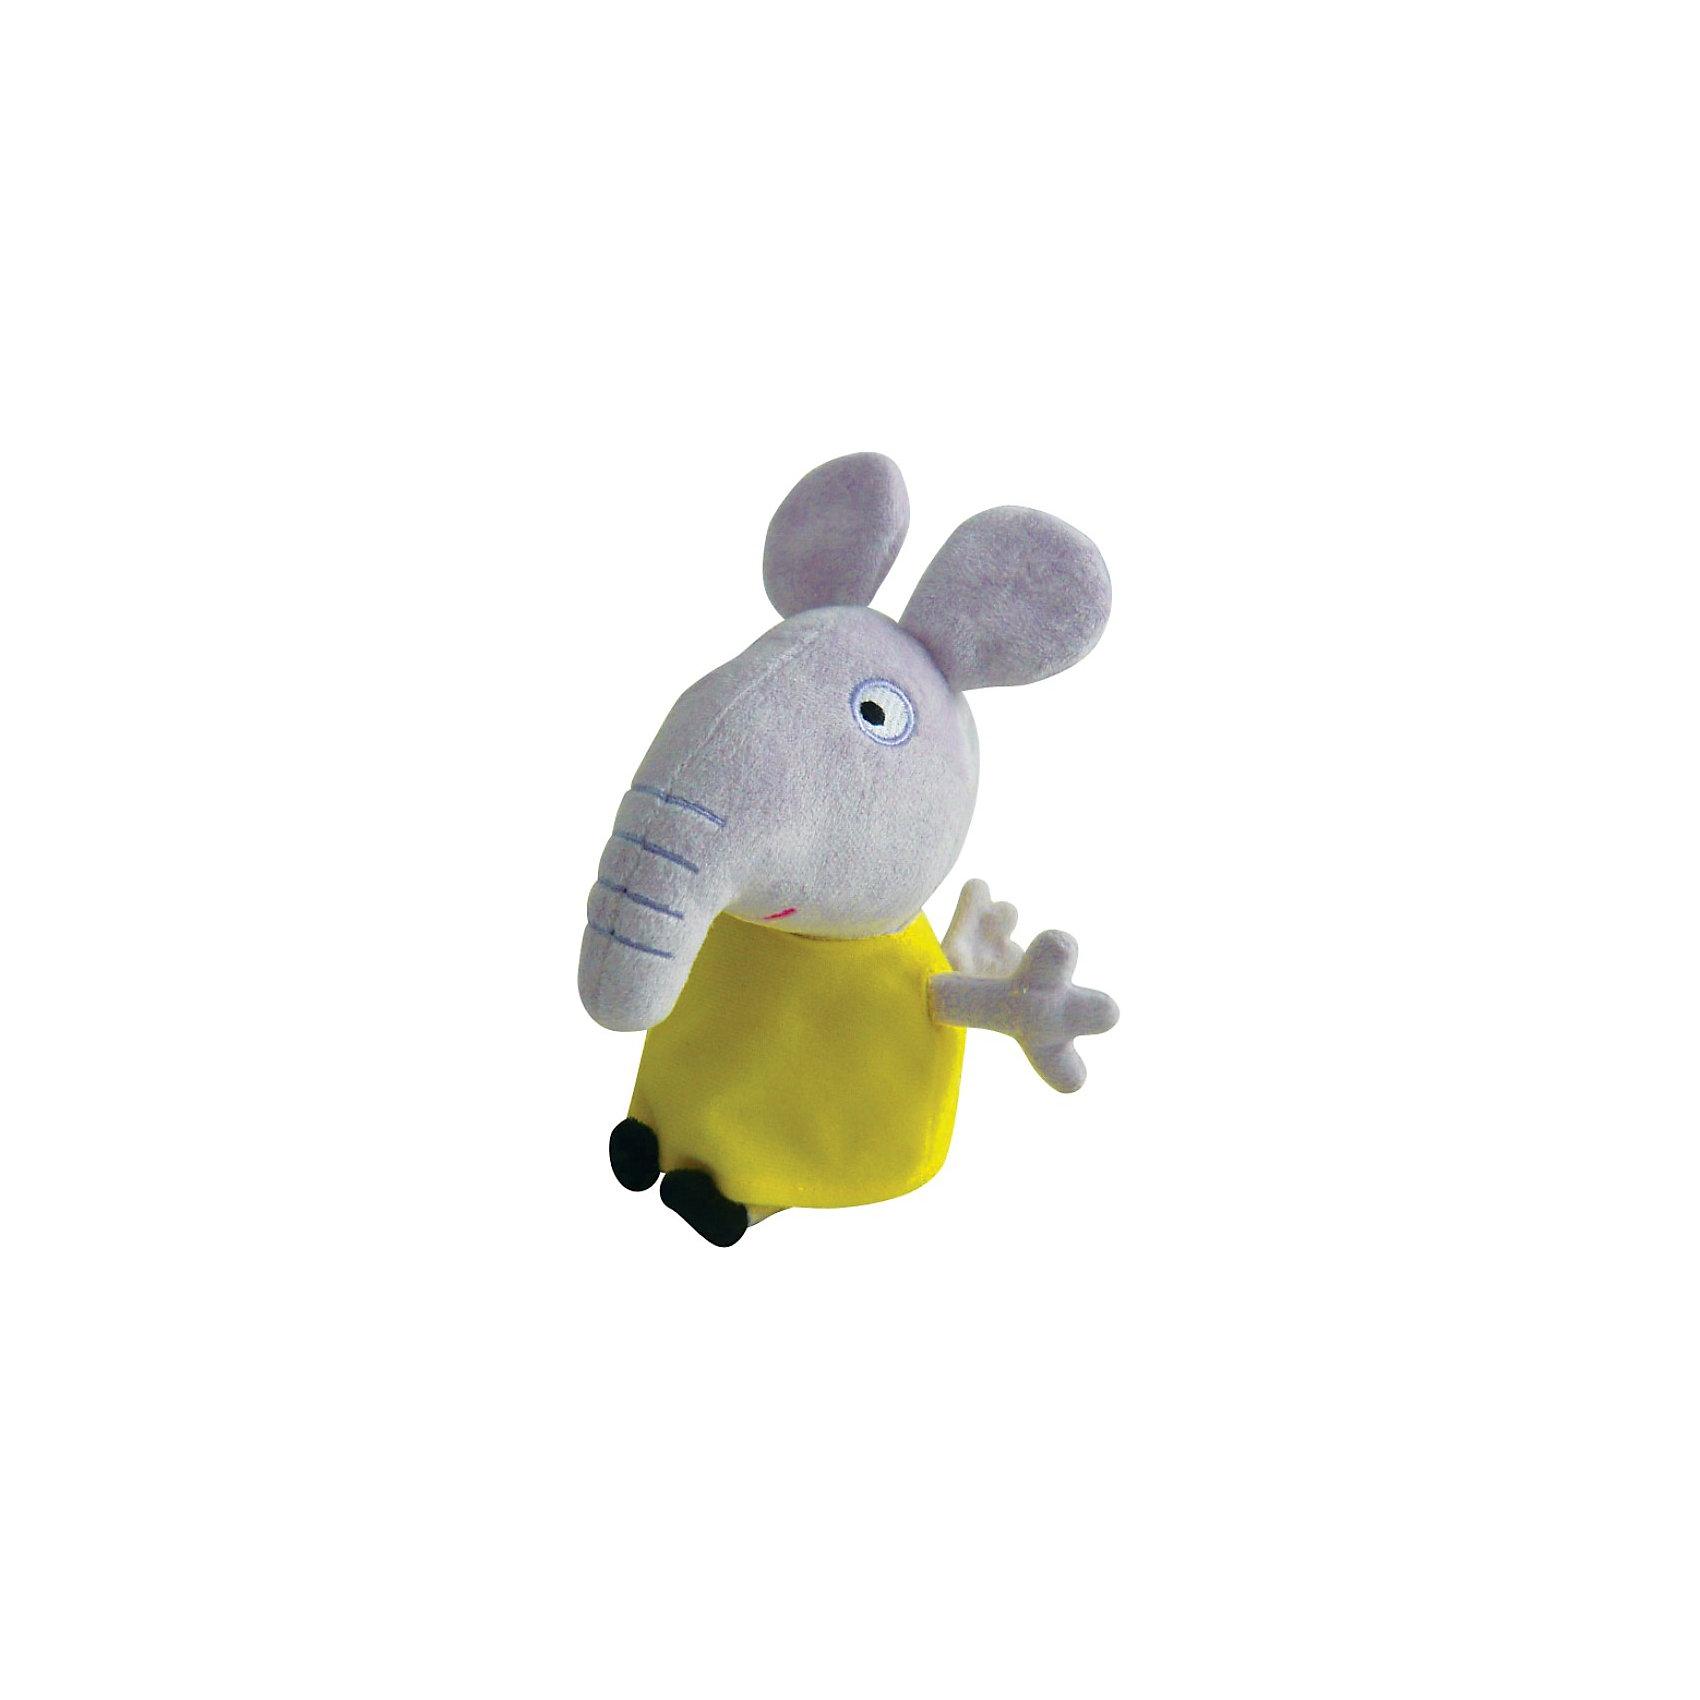 Игрушка  Слоник Эмили, 20 см, Свинка ПеппаМягкая Игрушка  Слоник Эмили  Свинка Пеппа (Peppa Pig ) понравится любой малышке. Она составит компанию в игре, на прогулке или в детском саду, разделит с малюткой безмятежные сновидения во время отдыха. Эмили одета в яркое желтое платьице, которое можно легко снимать и одевать. Эта очаровательная мягкая игрушка очень приятна на ощупь, так как изготовлена из велюровой ткани и плотно набита.  Изготовленная из высококачественных гипоаллергенных материалов, она абсолютно безопасна для детей.<br><br>Дополнительная информация: <br> <br>- Материал: текстиль, синтепон.<br>- Размер: 20 см (с ножками).<br>- Цвет: серый, черный, желтый.<br><br>Игрушку Слоник Эмили, 20 см, Свинка Пеппа (Peppa Pig ) можно купить в нашем магазине.<br><br>Ширина мм: 100<br>Глубина мм: 80<br>Высота мм: 200<br>Вес г: 70<br>Возраст от месяцев: 36<br>Возраст до месяцев: 2147483647<br>Пол: Унисекс<br>Возраст: Детский<br>SKU: 3905910